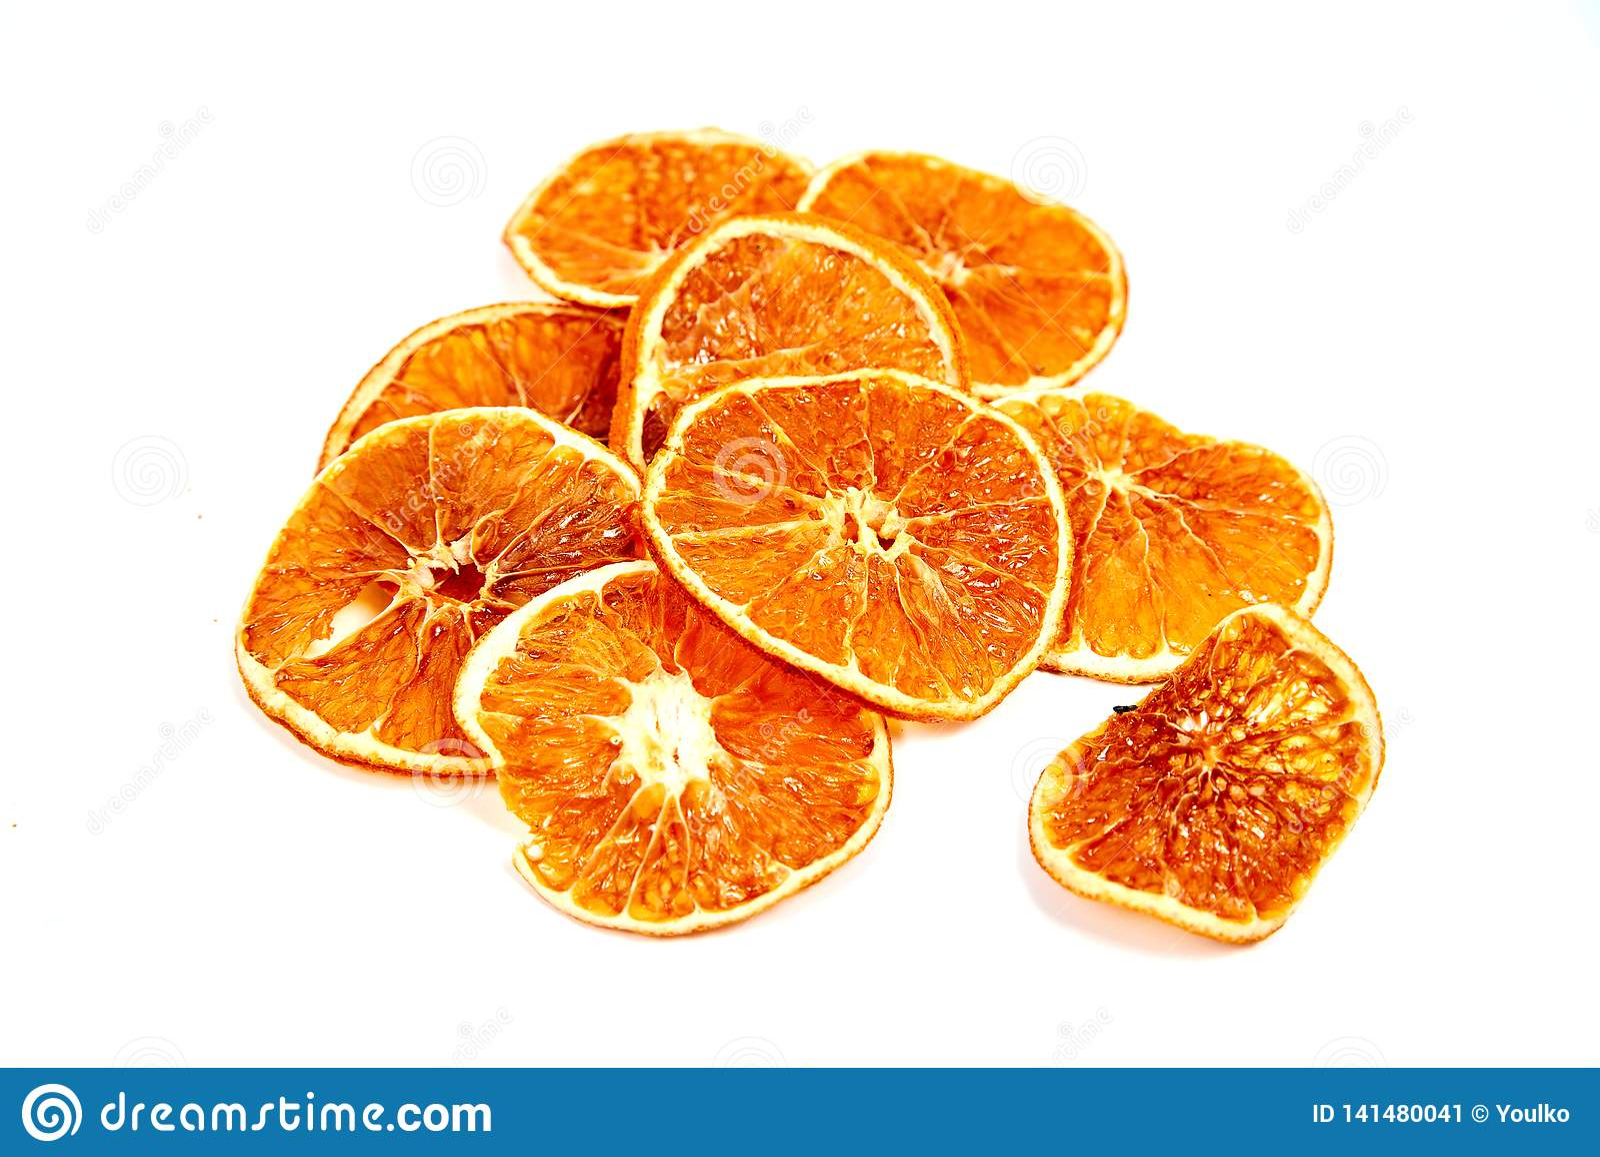 Anelli del mandarino secco su un fondo bianco